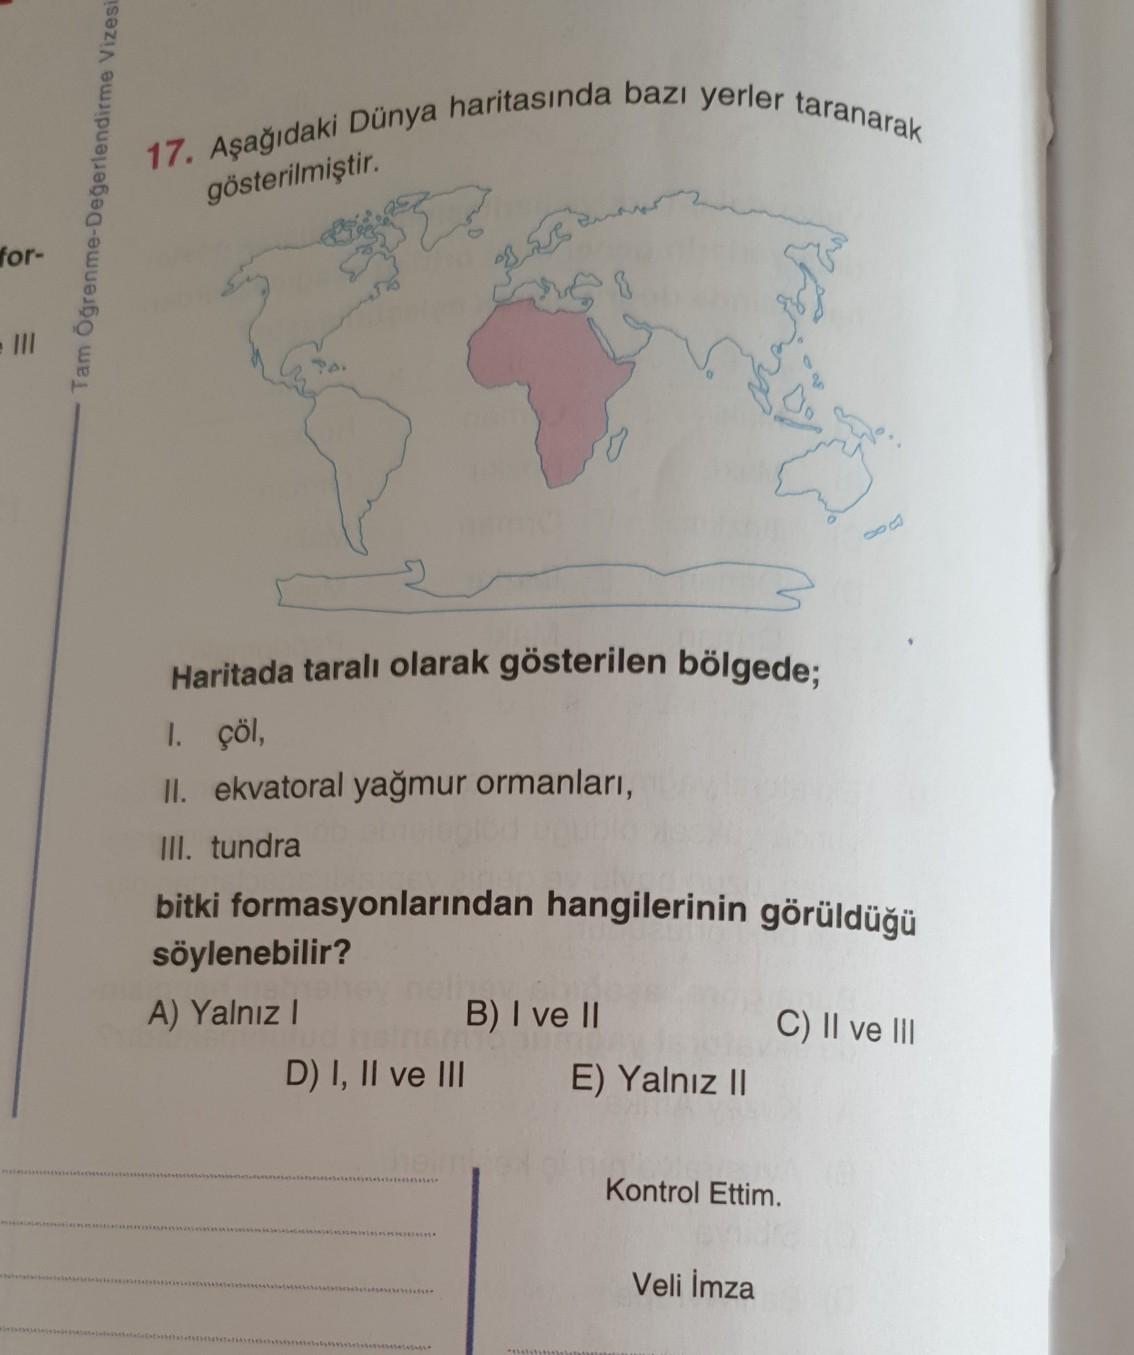 17. Aşağıdaki Dünya haritasında bazı yerler taranarak Tam Öğrenme-Değerlendirme Vizesi gösterilmiştir. for- Haritada taralı olarak gösterilen bölgede; 1. çöl, II. ekvatoral yağmur ormanları, III. tundra bitki formasyonlarından hangilerinin görüldüğü söylen